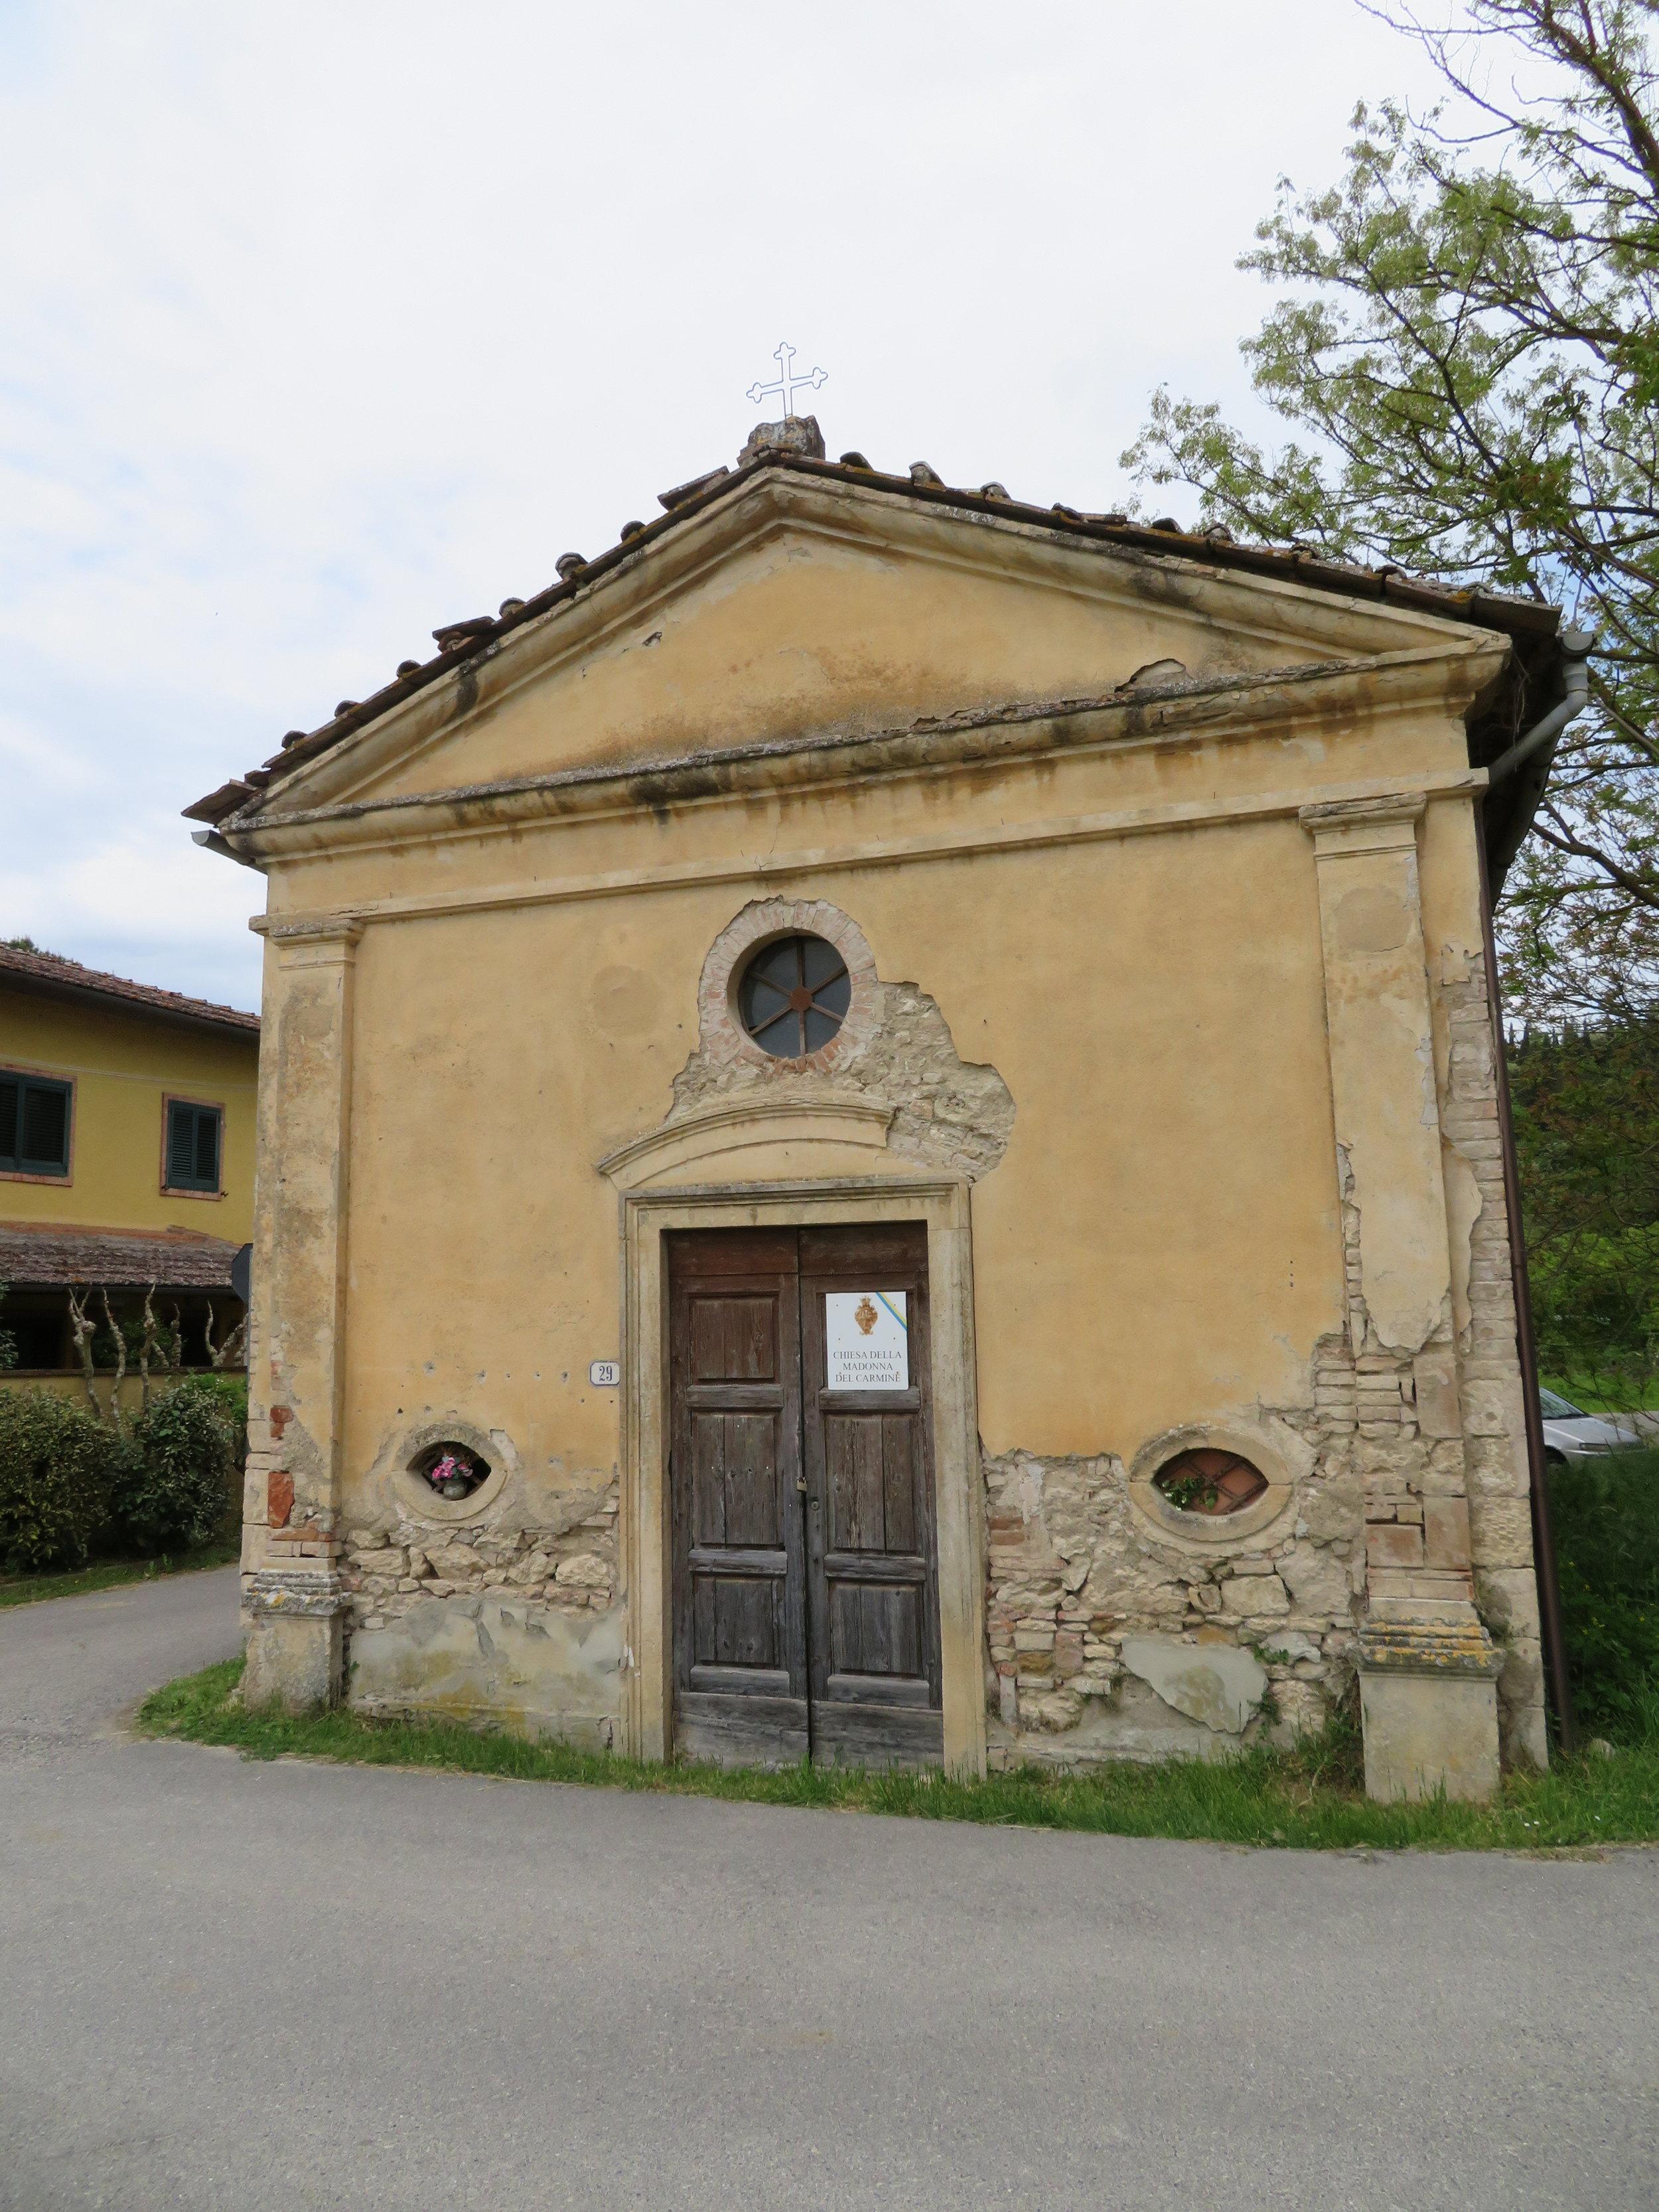 Chiesa della Madonna del Carmine could use a little TLC, it seems.